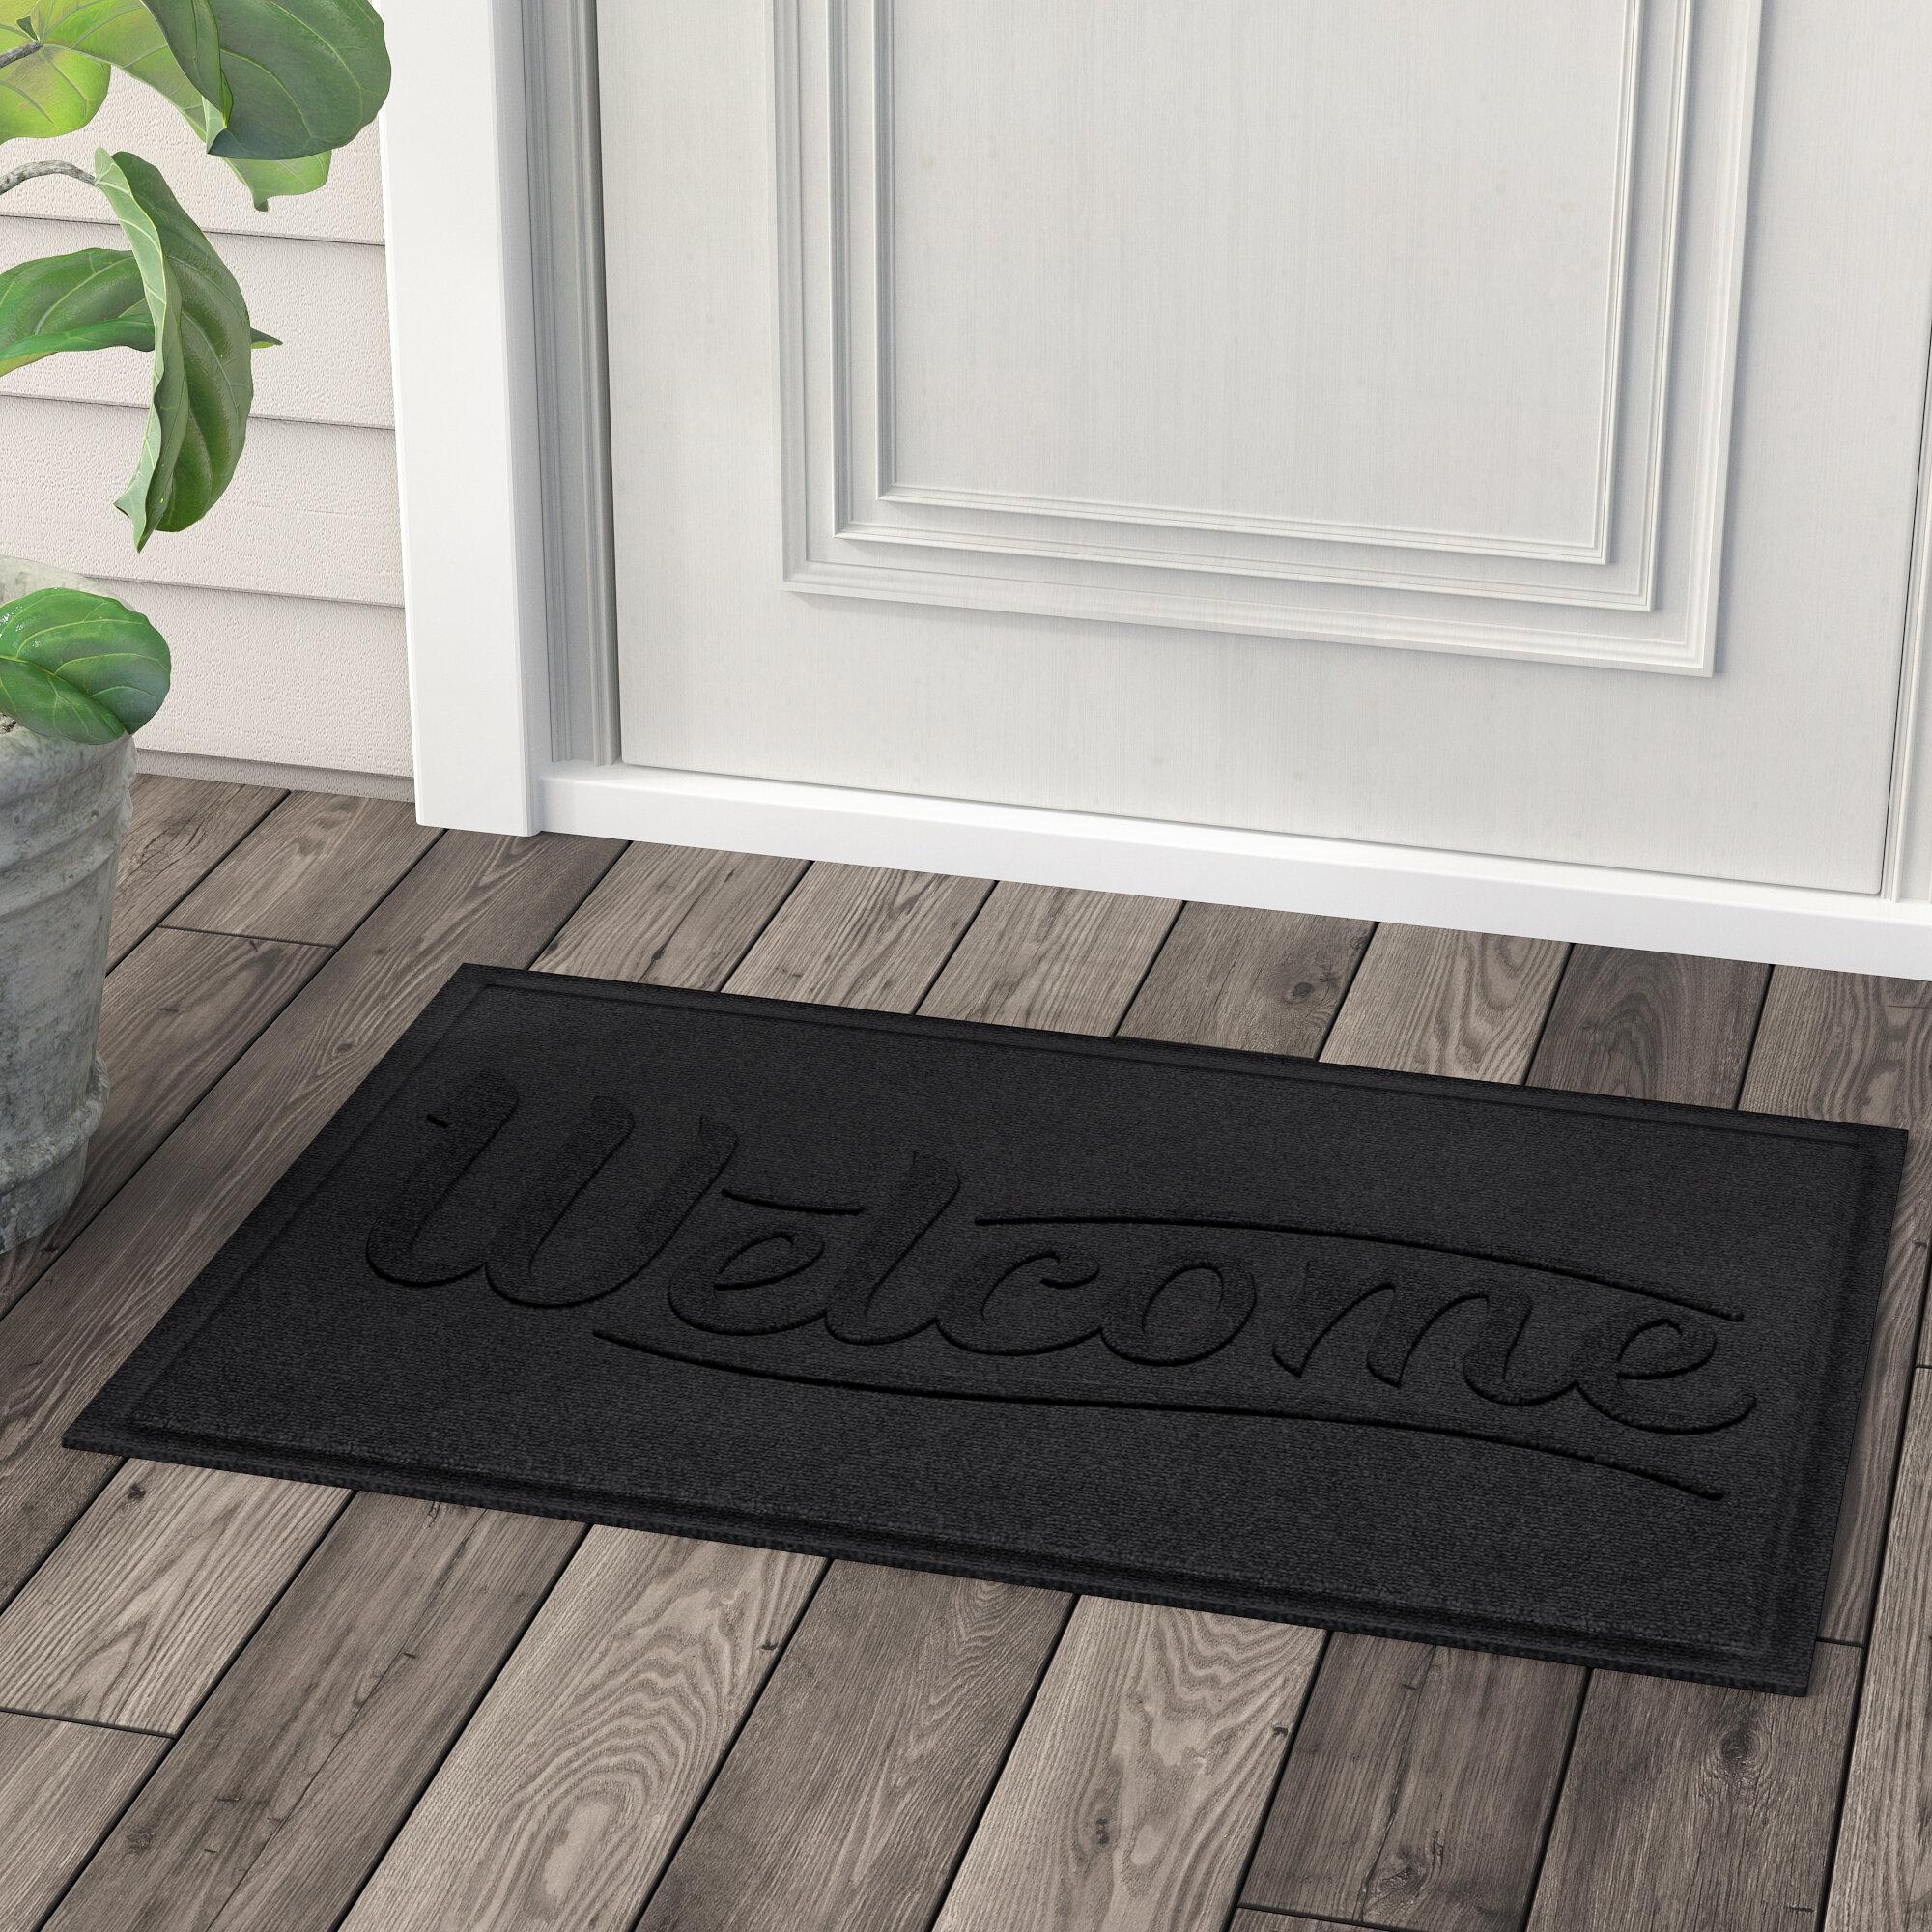 Red Barrel Studio Amald Simple Welcome 36 In X 24 In Non Slip Outdoor Door Mat Reviews Wayfair